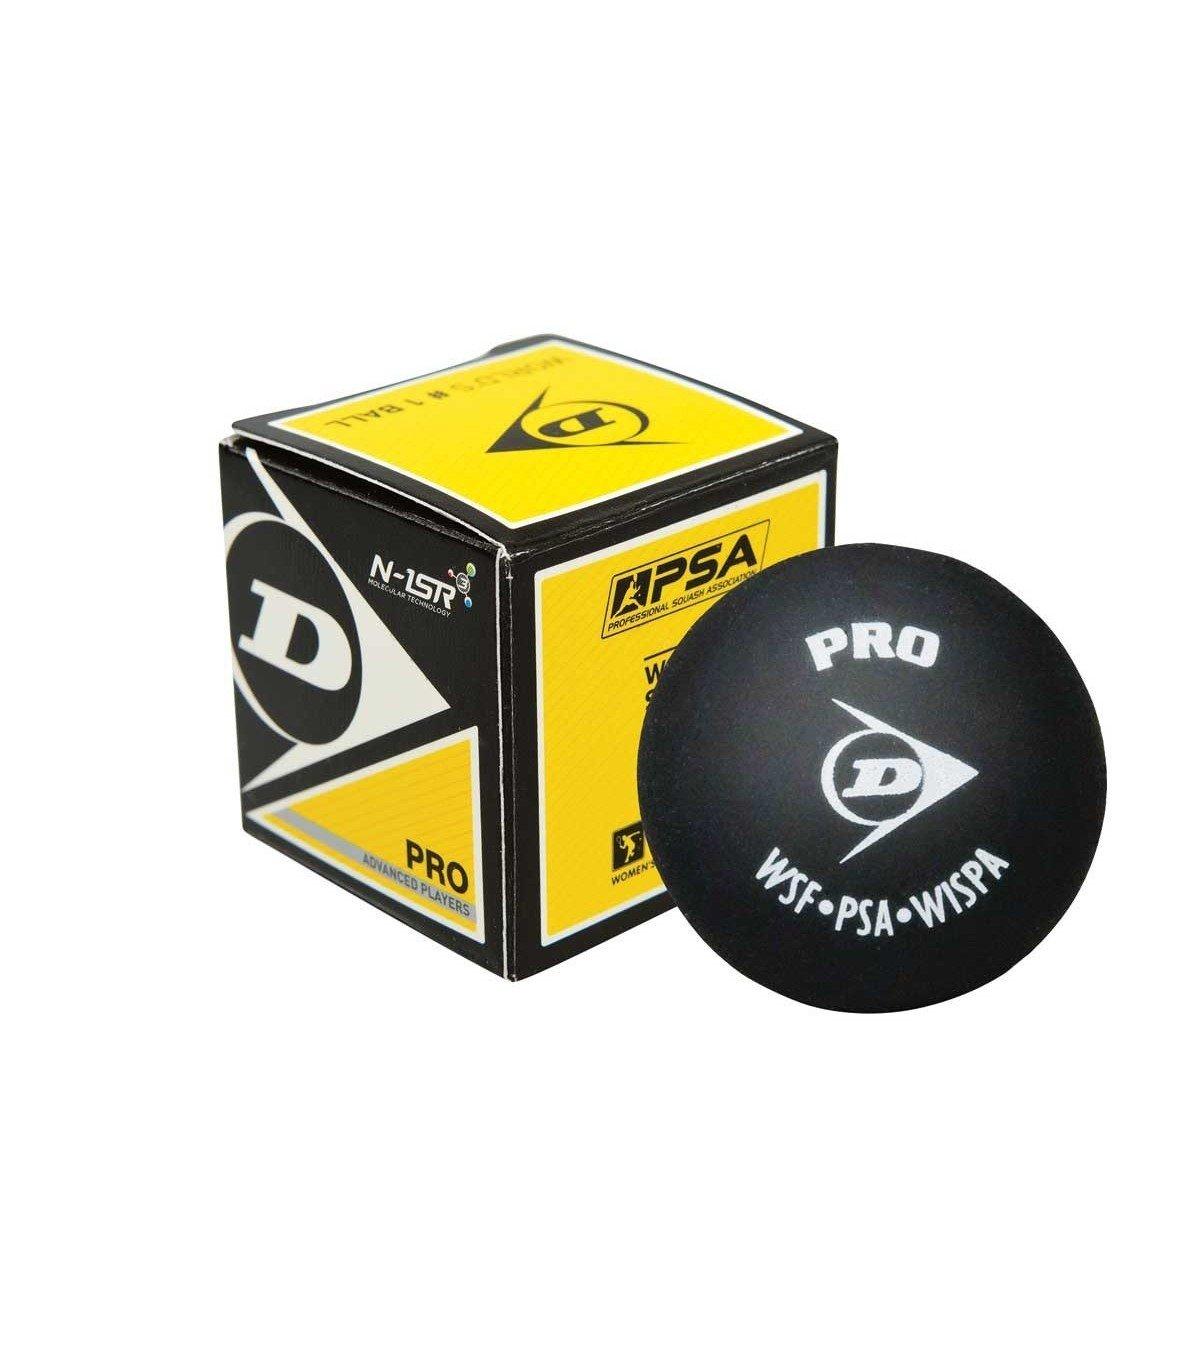 Dunlop Pro Balle De Squash Double Point Jaune Squash Ball Double Dot